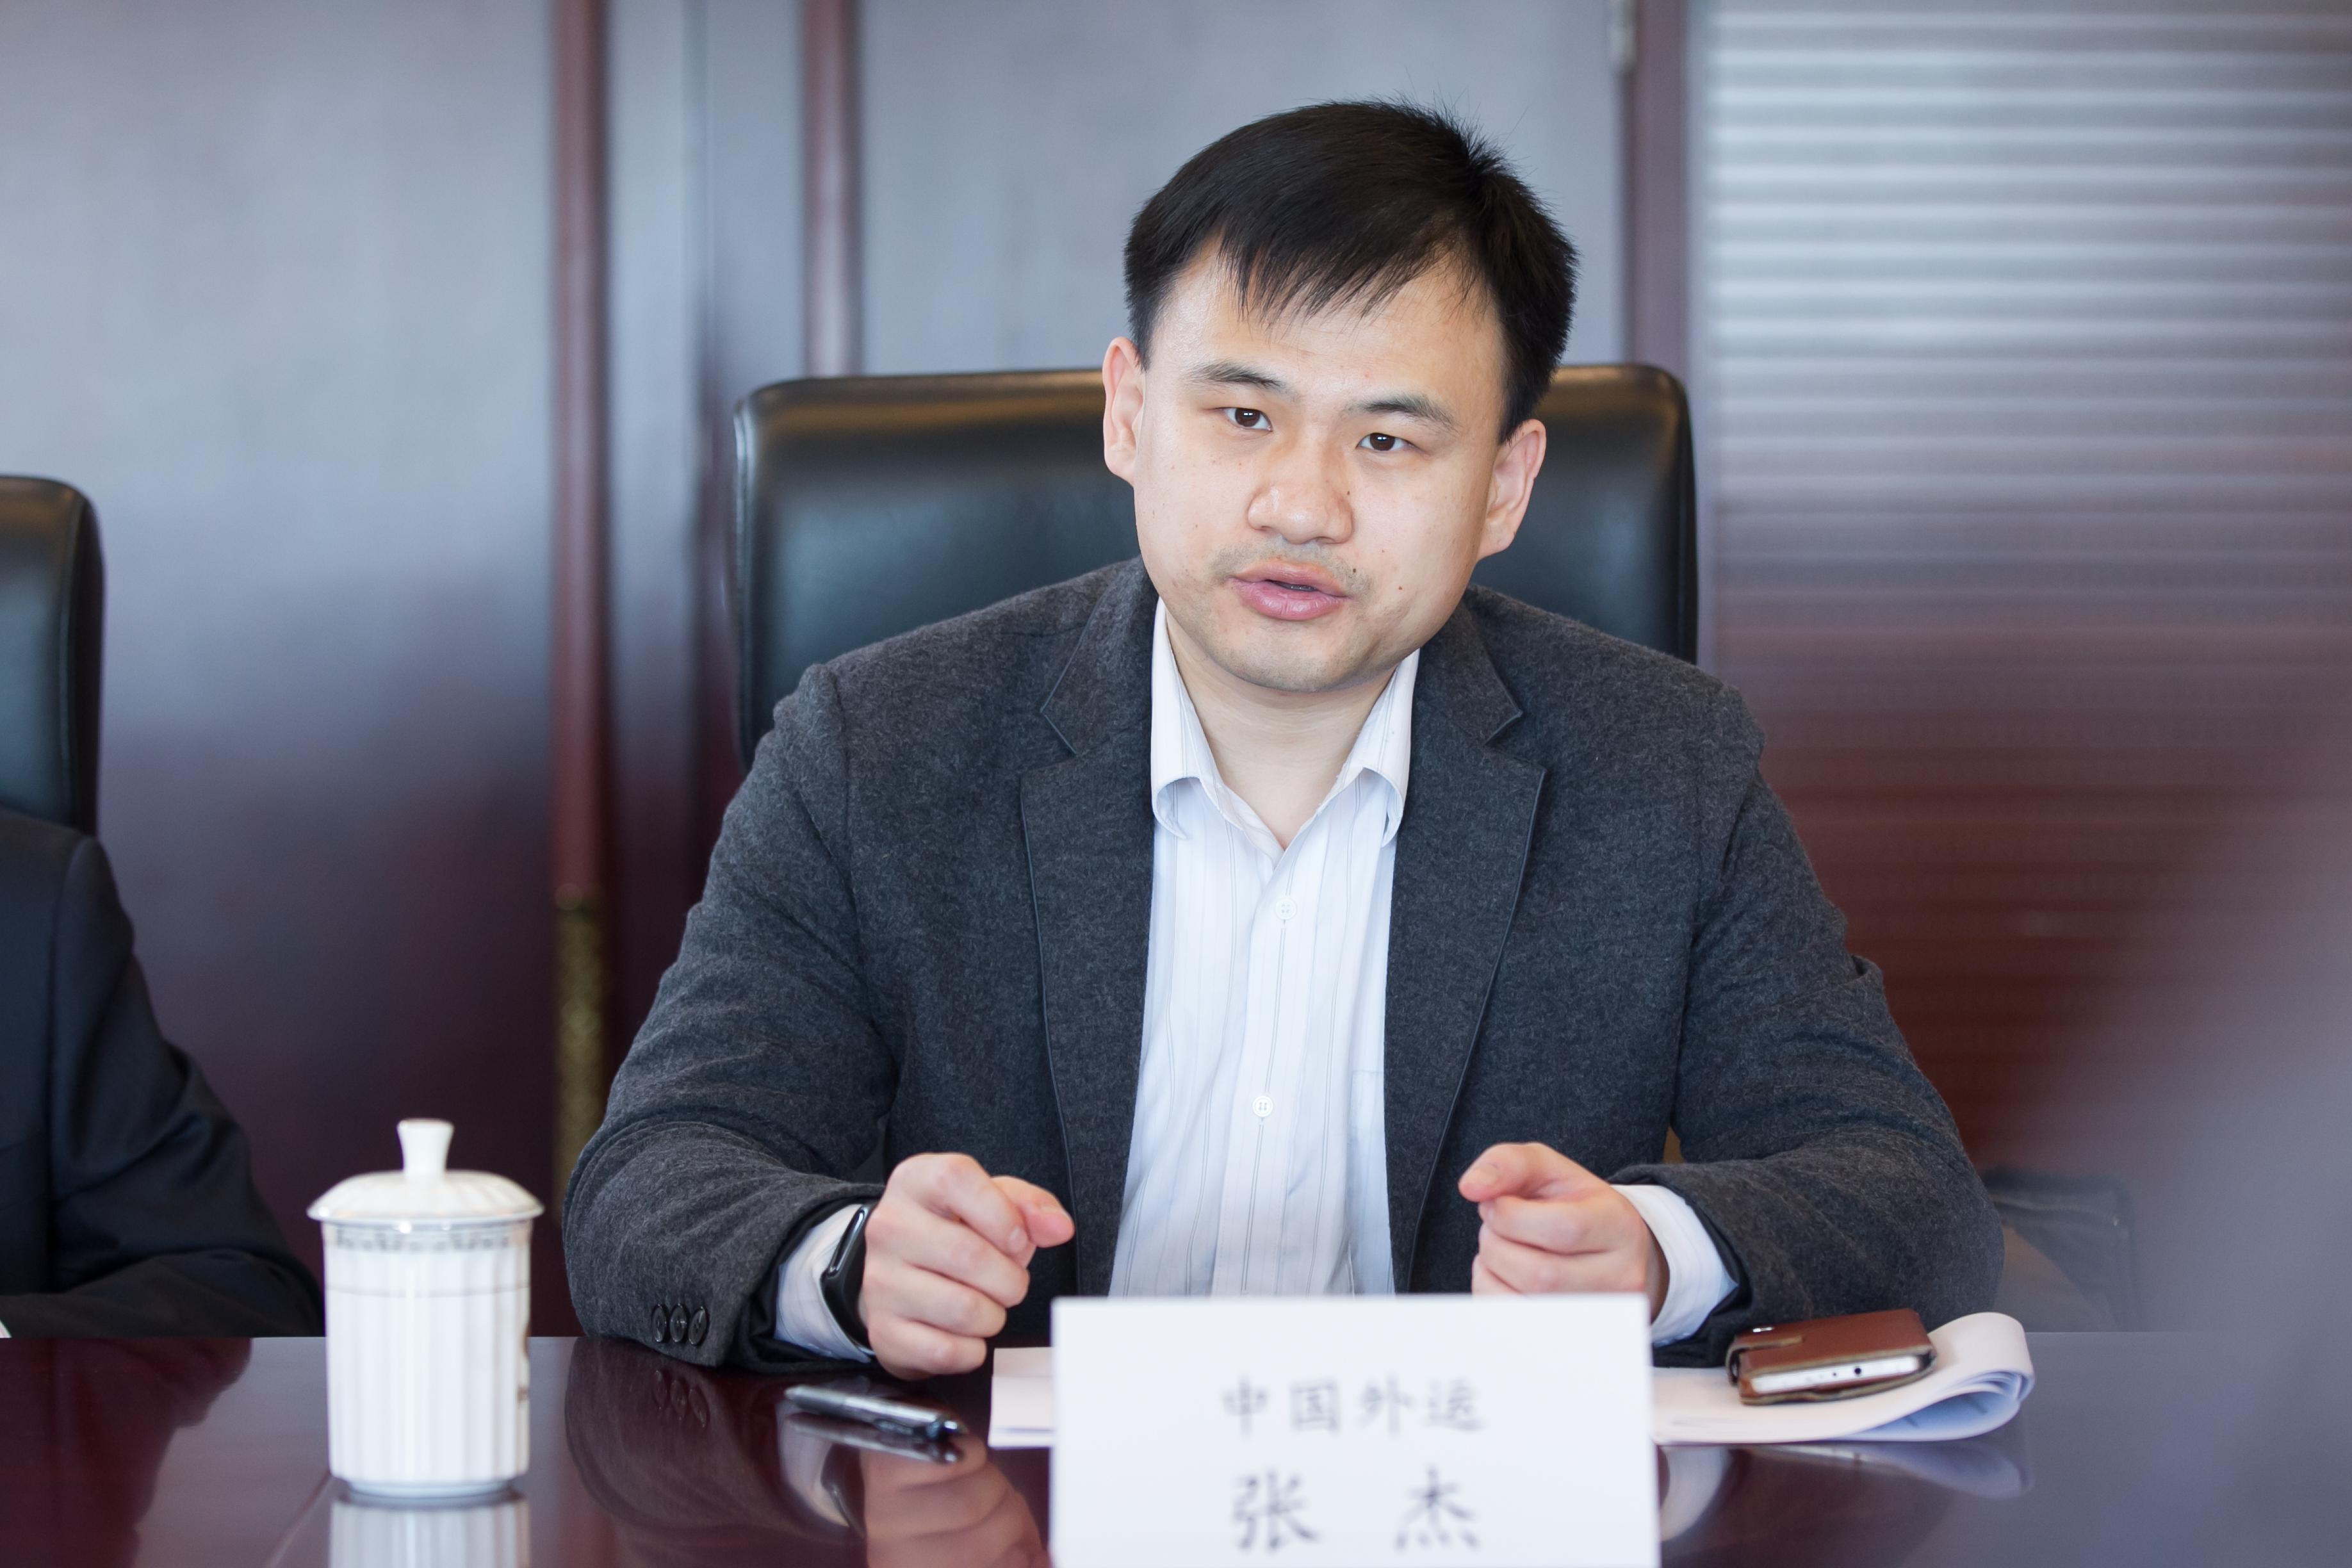 张 杰 中国外运股份有限公司信息管理部系统运行经理